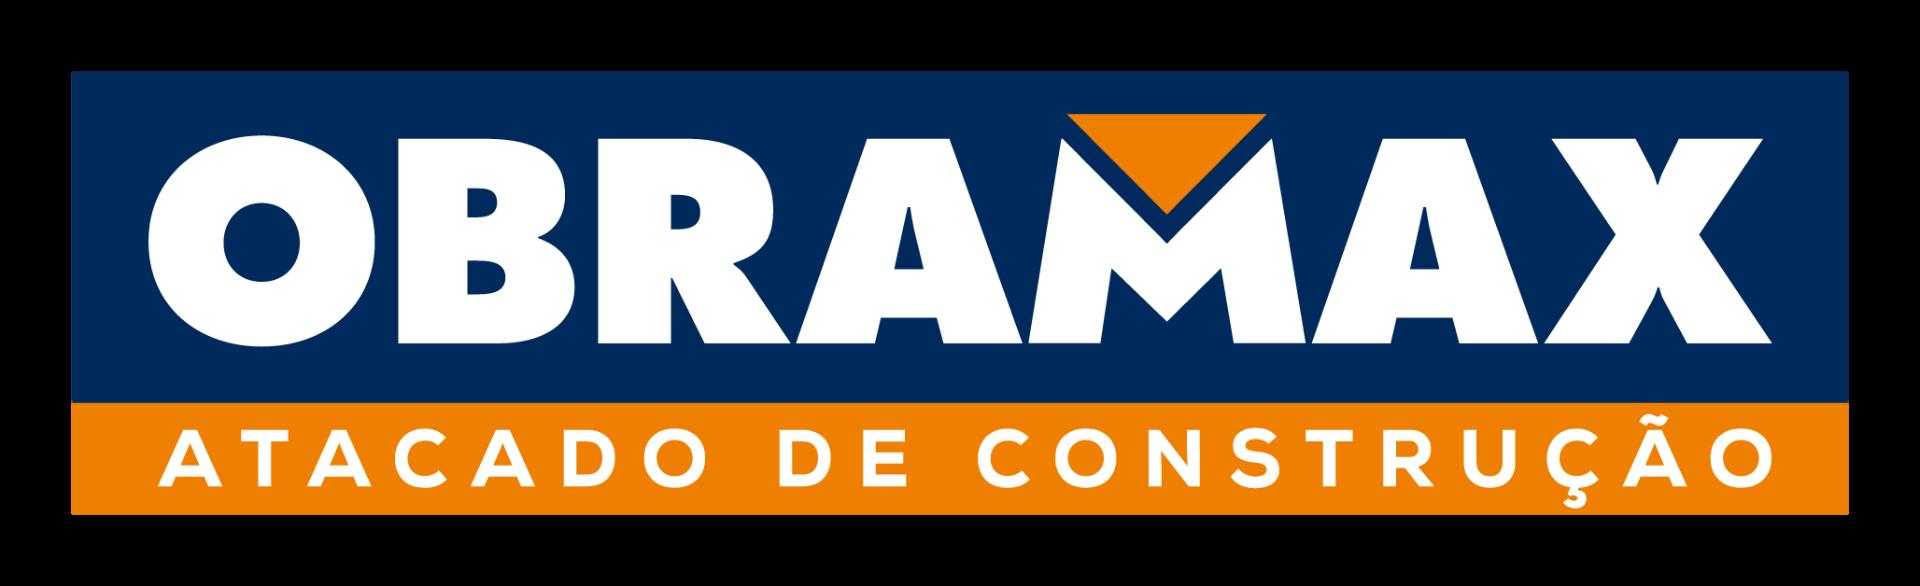 OBRAMAX_RGB_DESCRITIVO